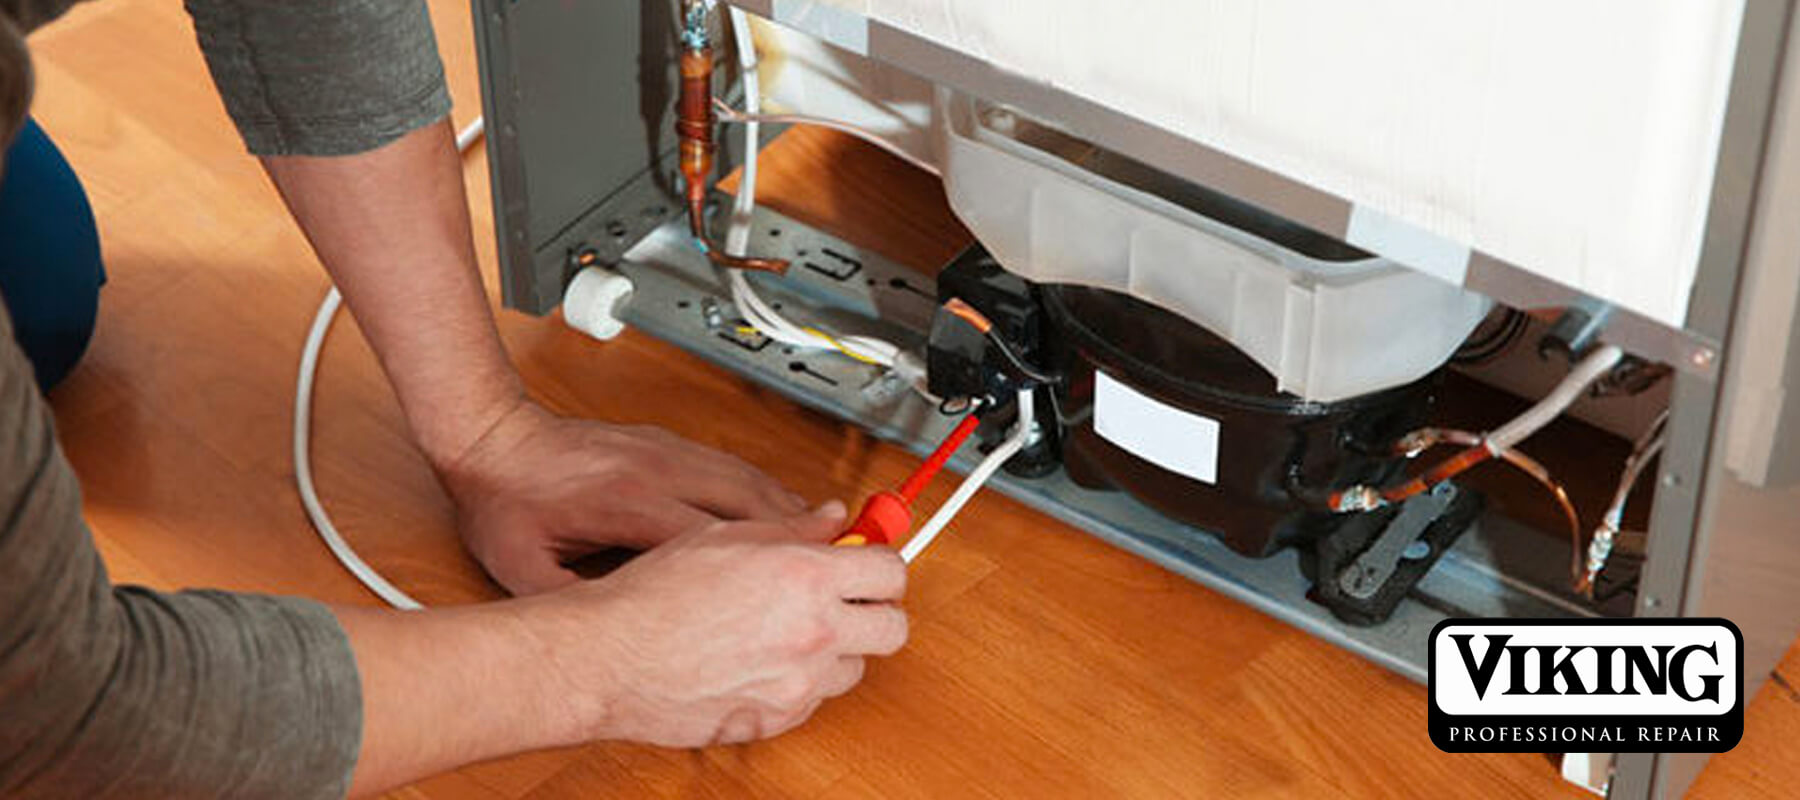 Viking Ice Maker Repair | Professional Viking Repair